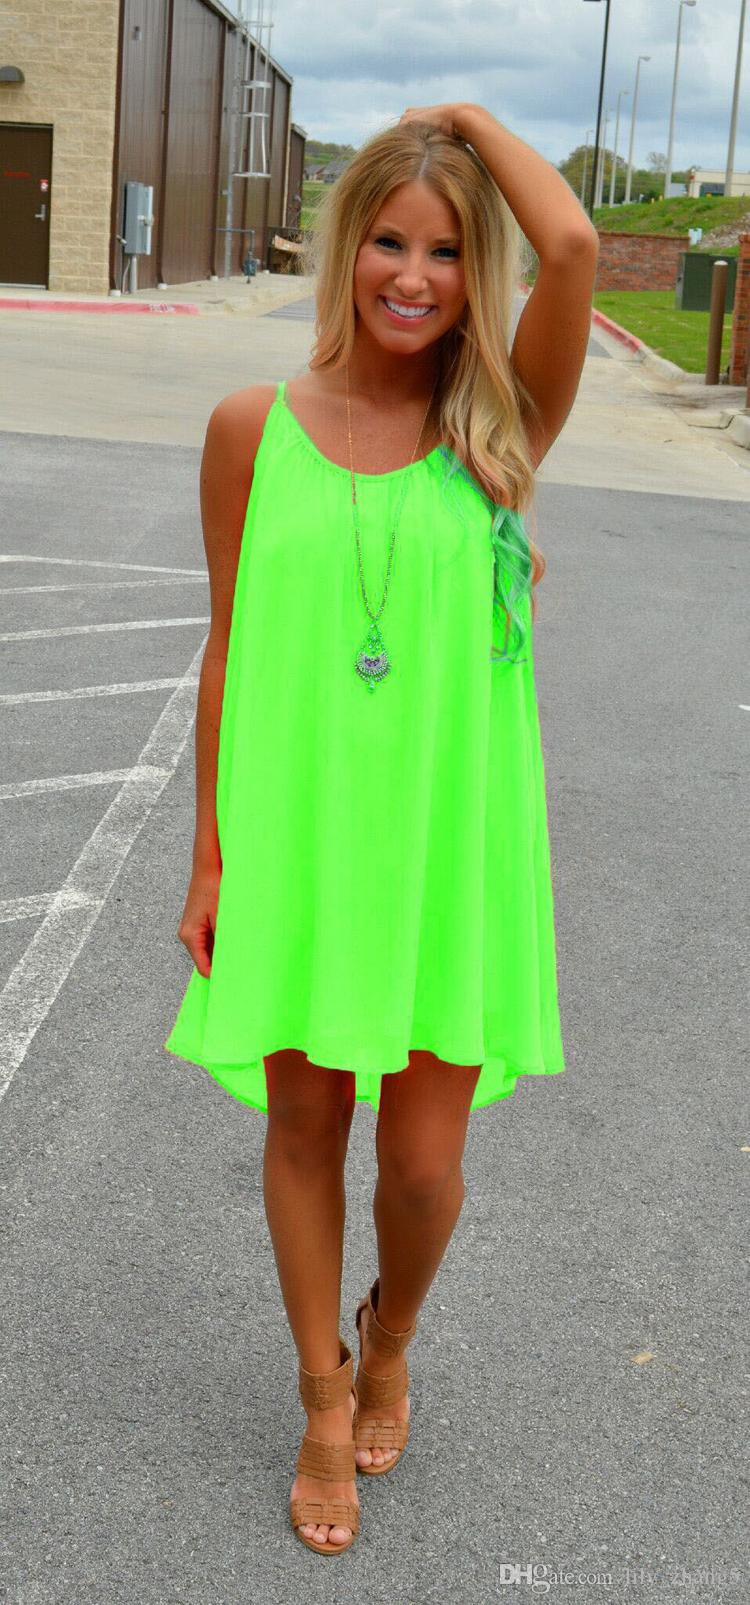 Spedizione gratuita Donne Delle Donne Beach Dress Summer Dress Chiffon Donne Delle Donne Vestito Stile Estate Vestido De Festa Sundress Plus Size Donne Abbigliamento